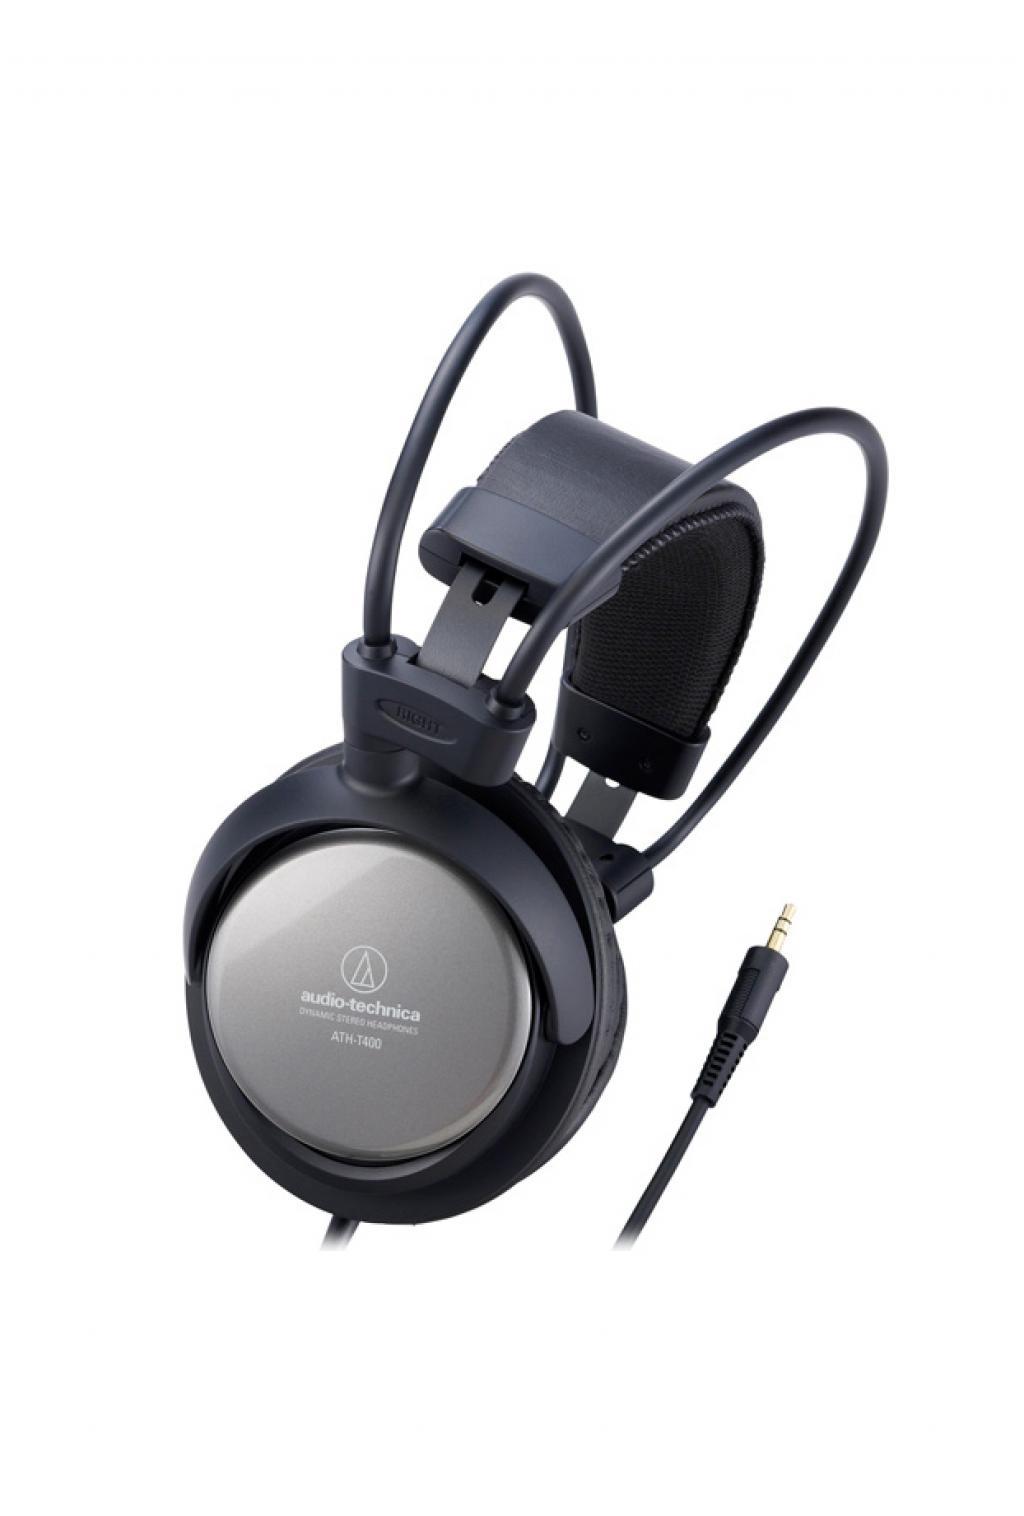 Casti Audio-technica Ath-t400